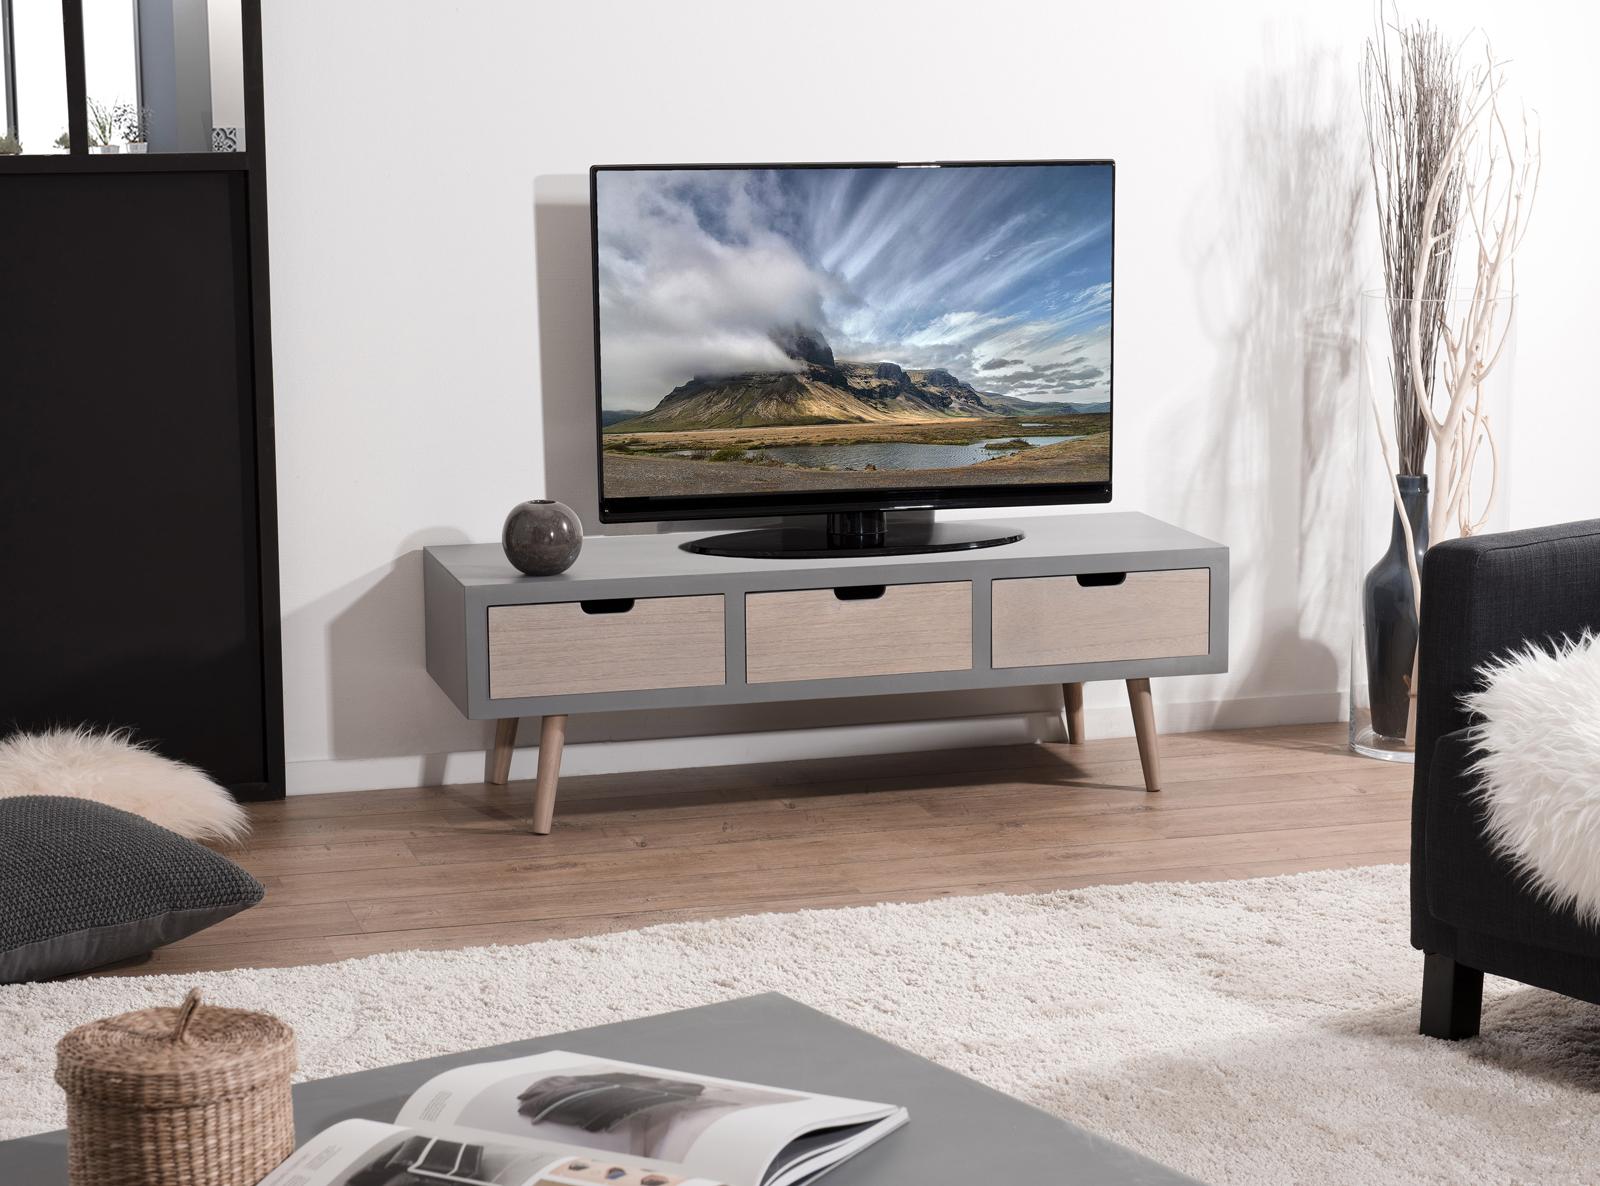 Comment faire pour procéder au bon choix d'un meuble TV moderne